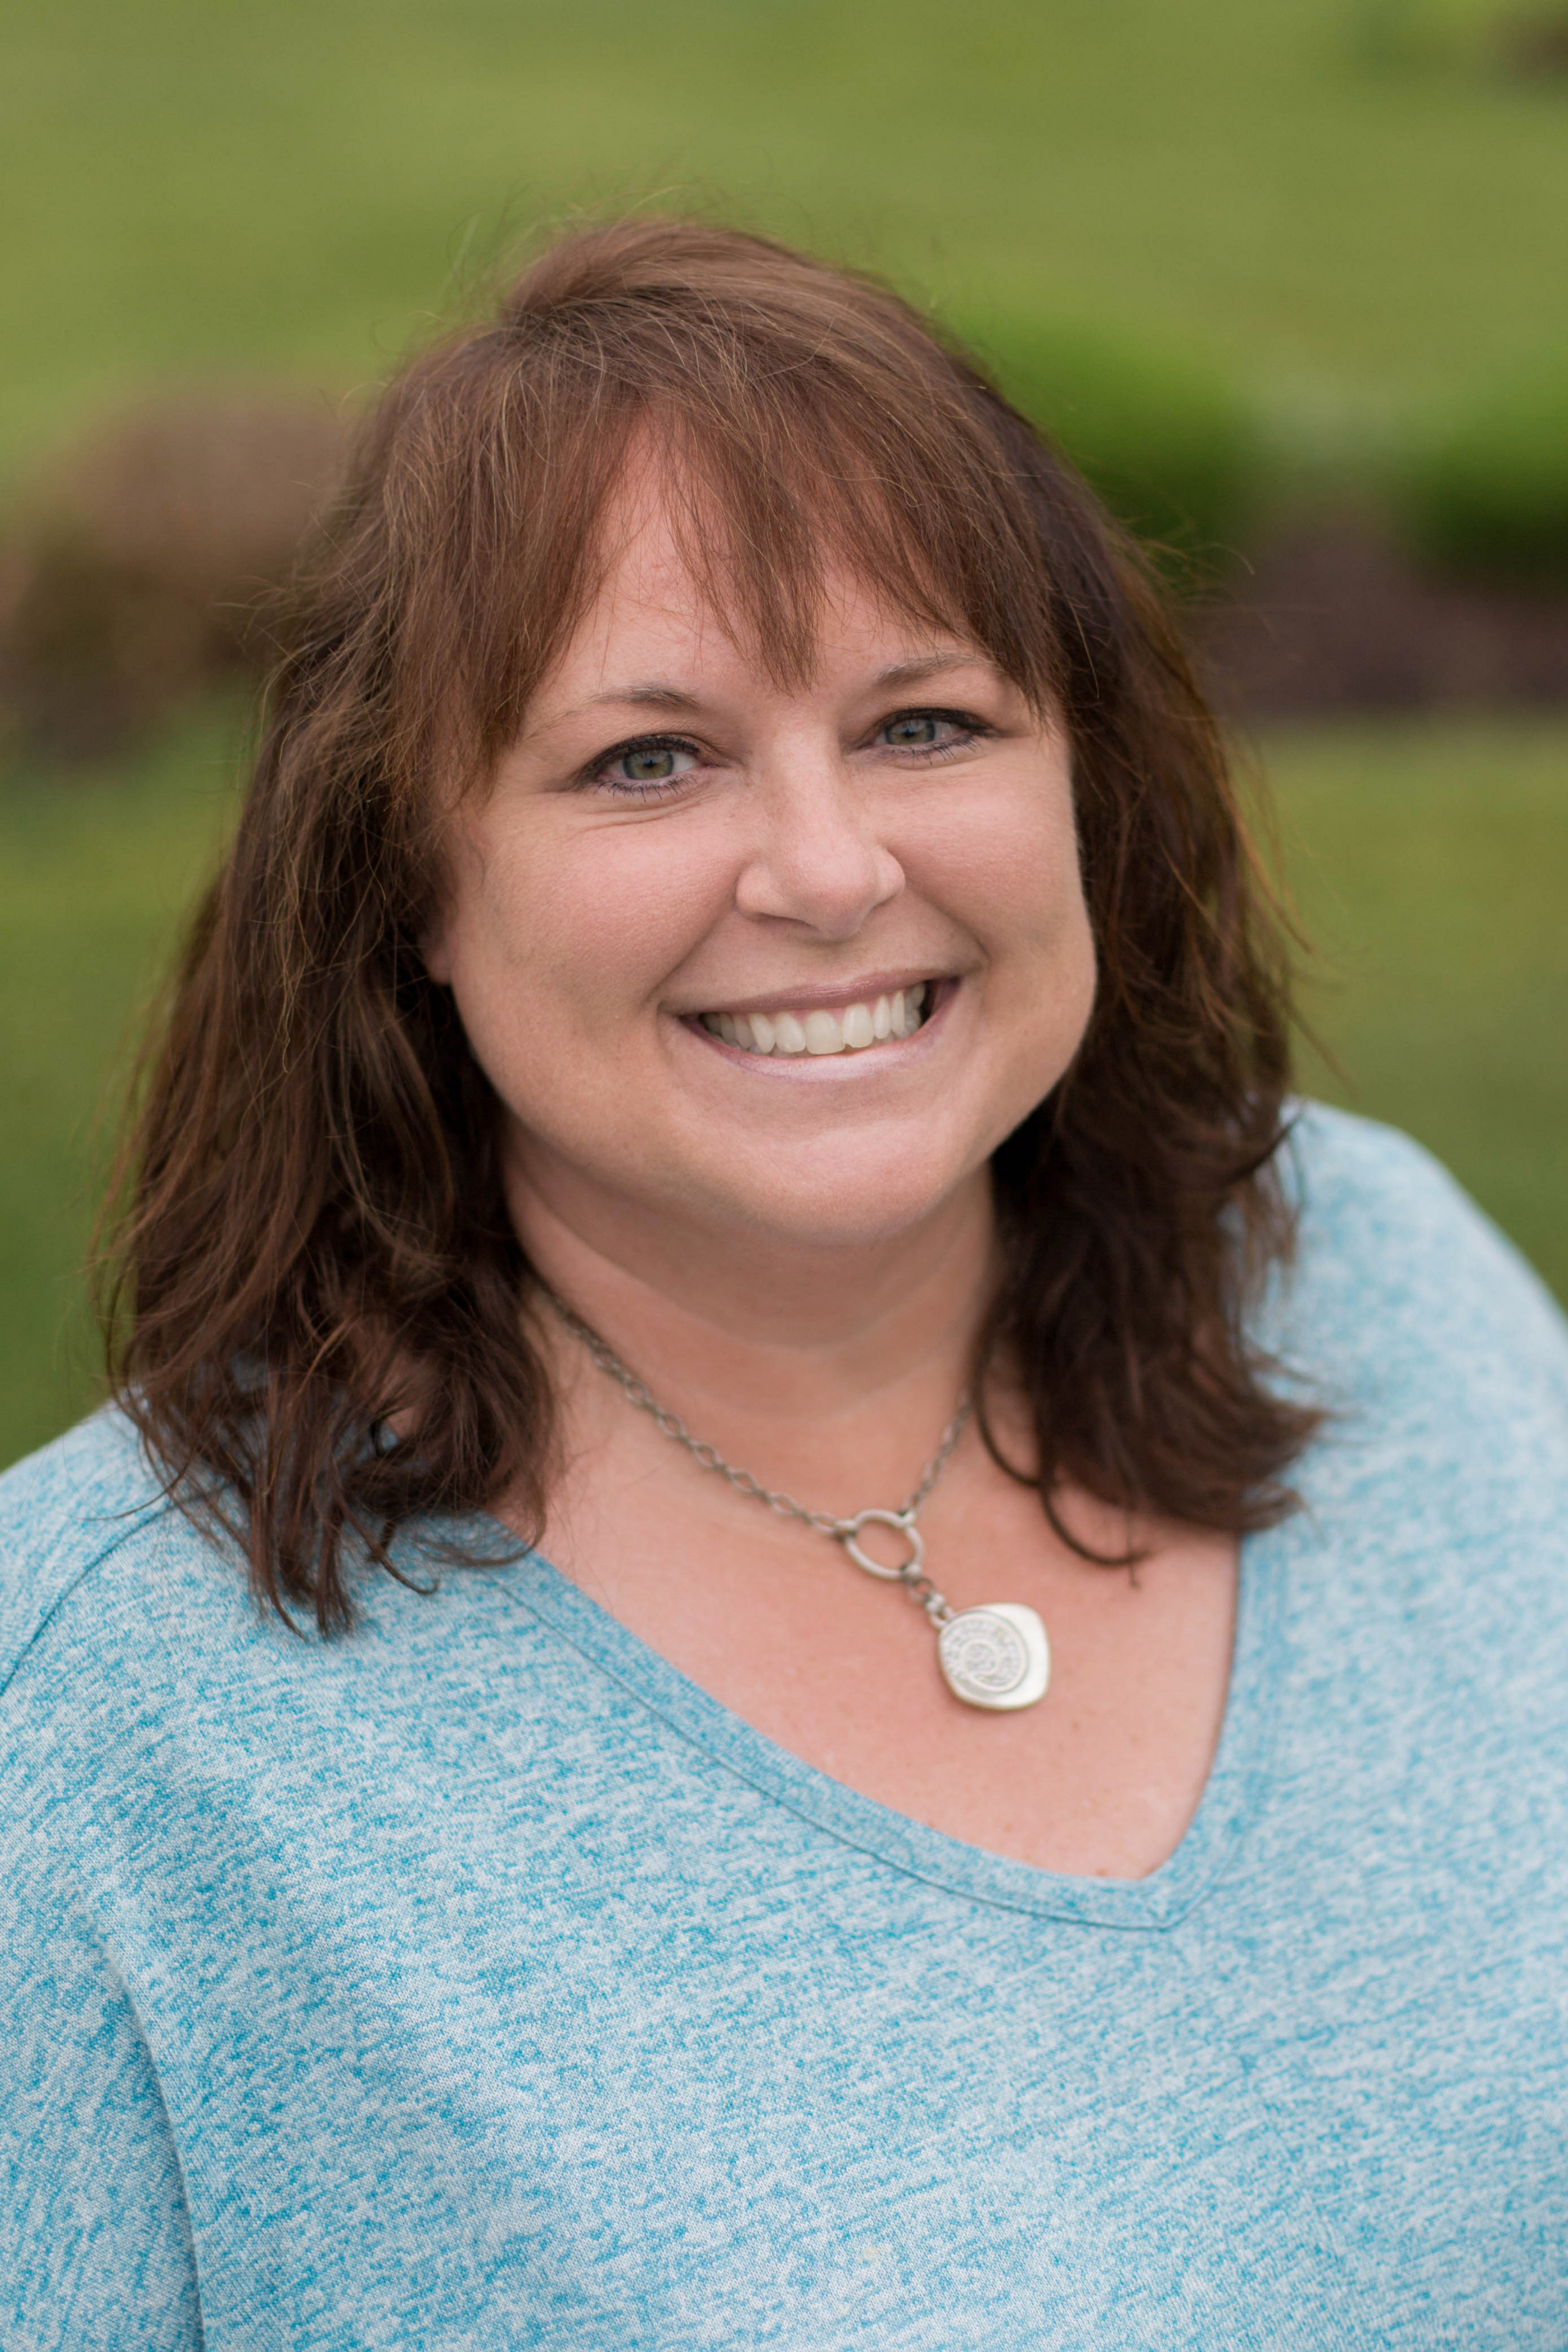 Renee Stuhr, ST